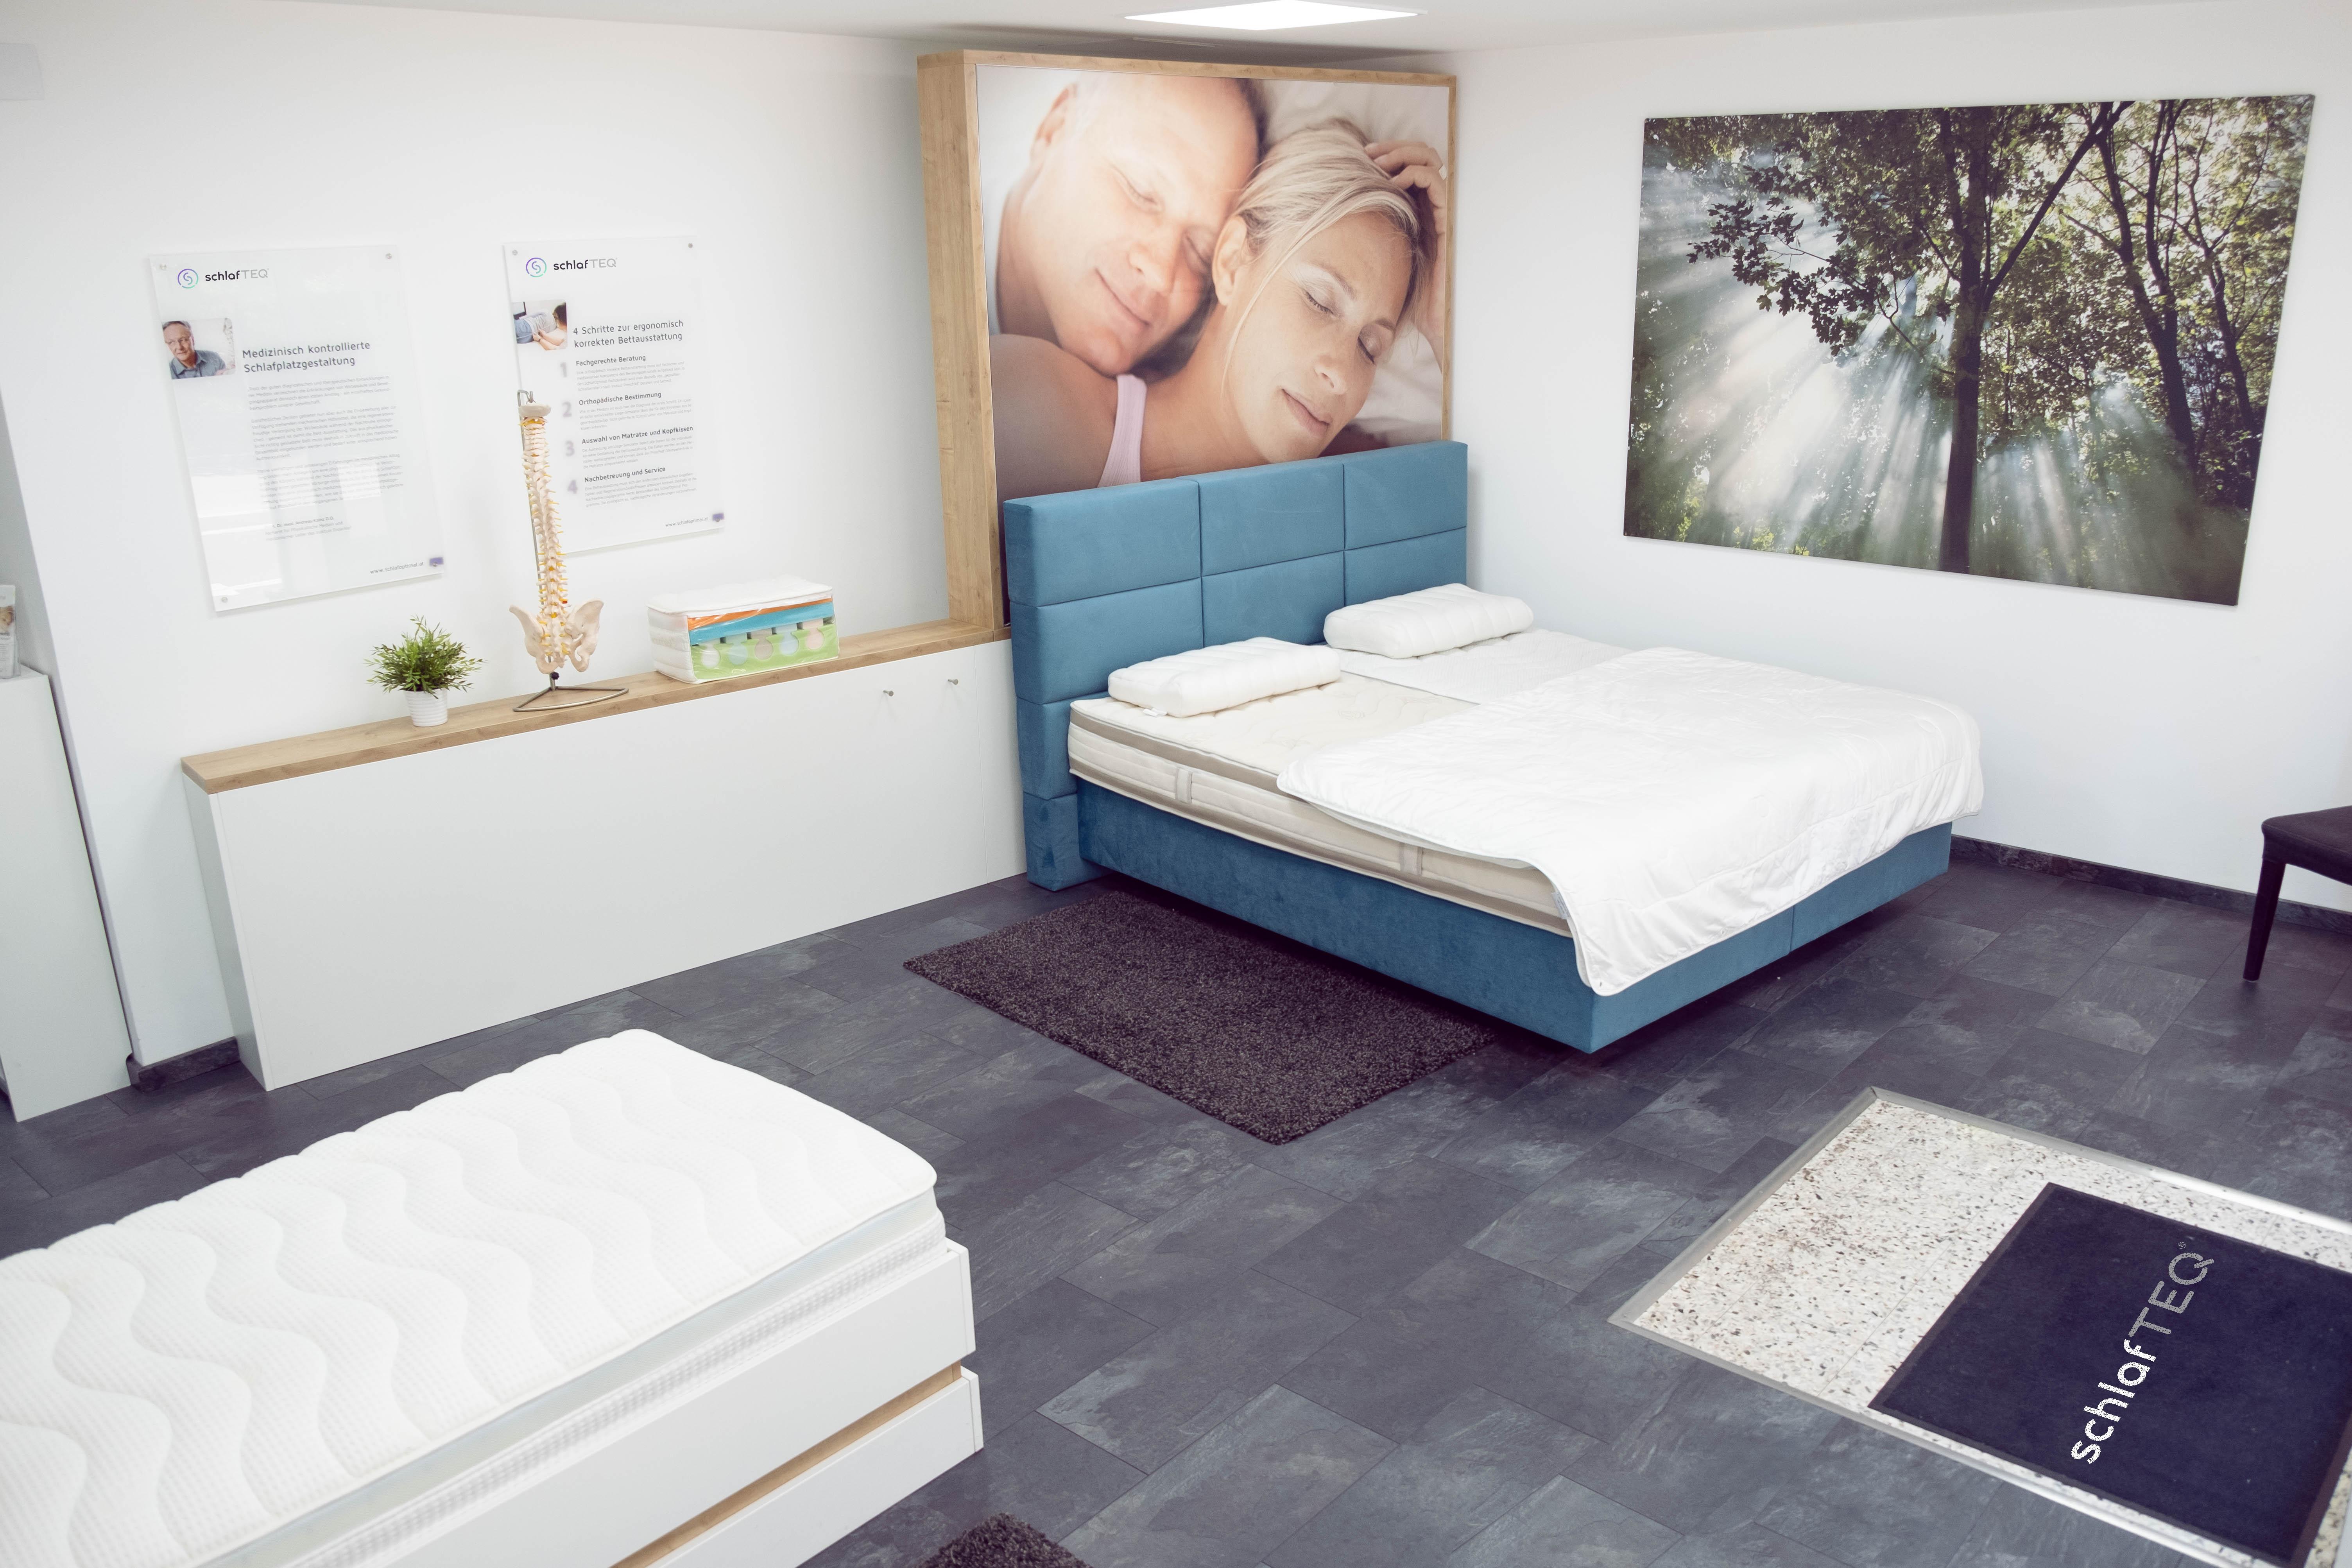 schlafTEQ Linz - Ergonomisches Liegezentrum